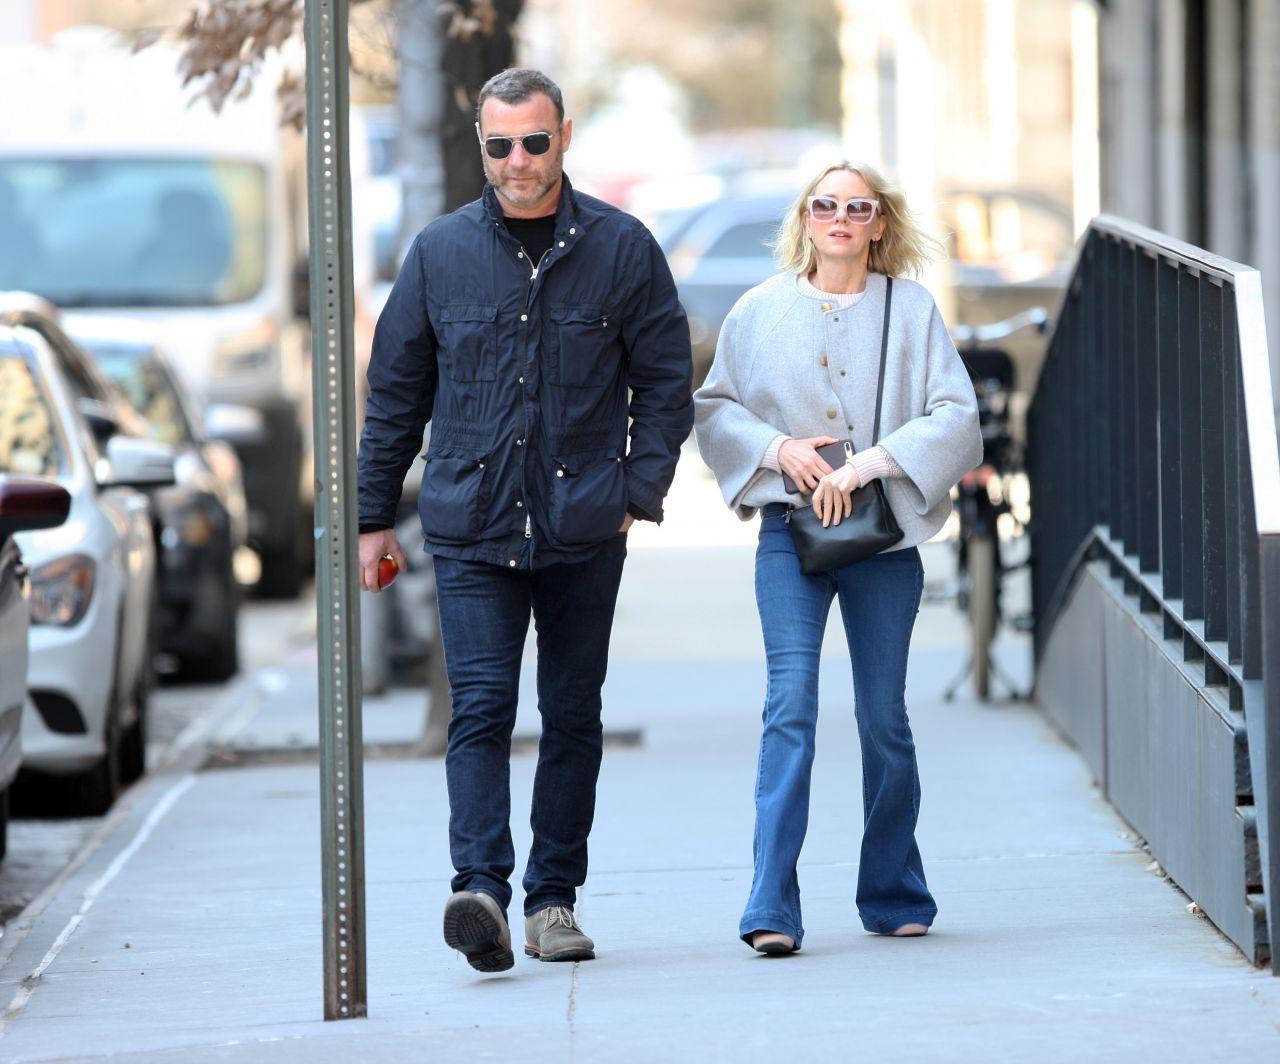 Naomi Watts and Liev Schreiber - New York City 03/14/2019